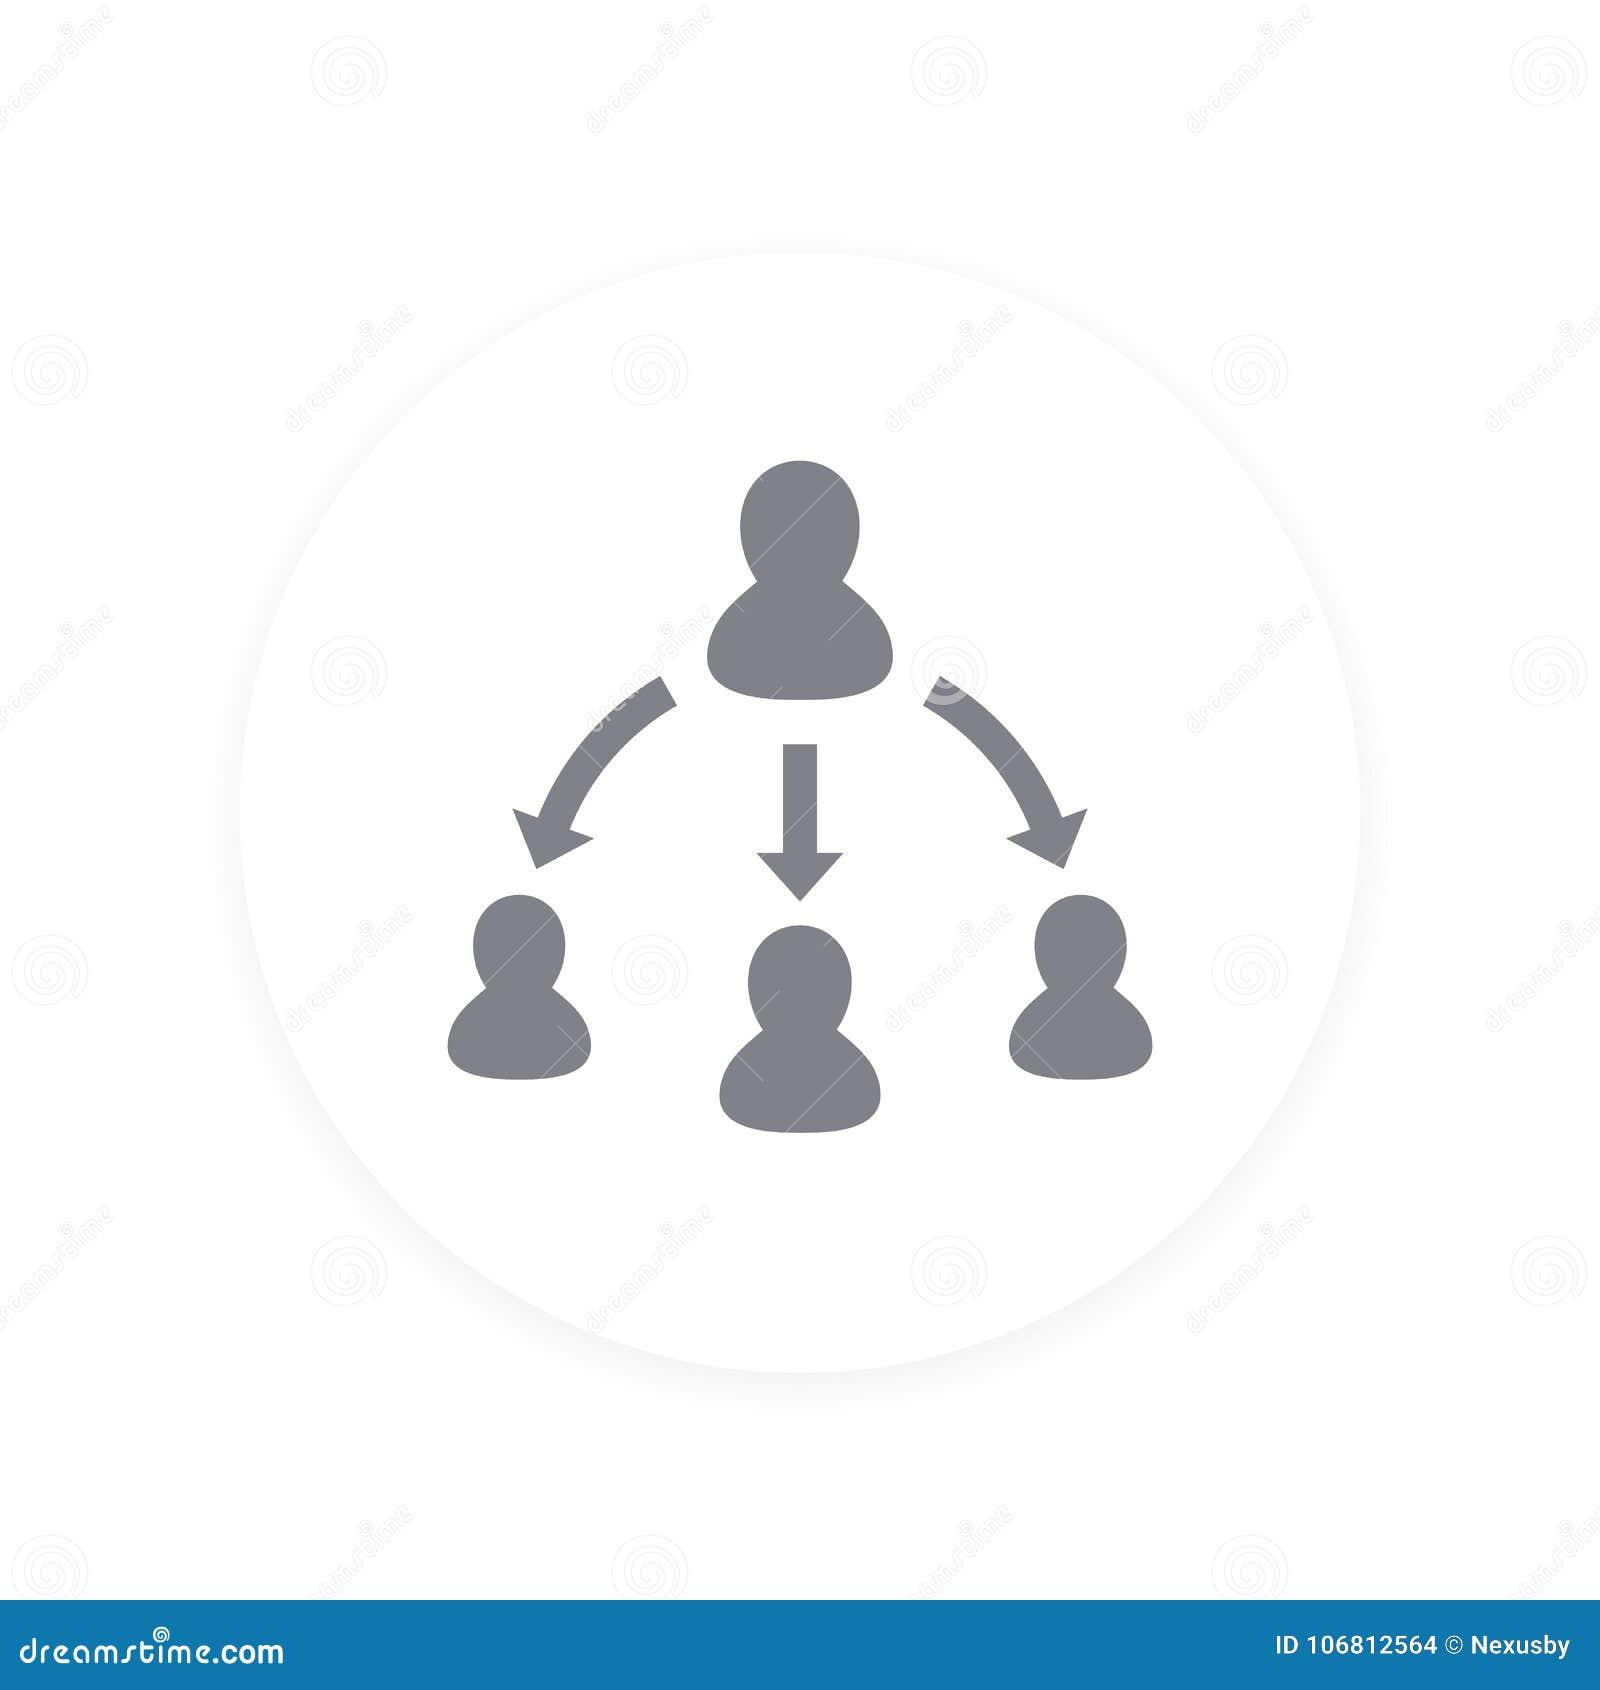 Delegationsymbol, pictogram